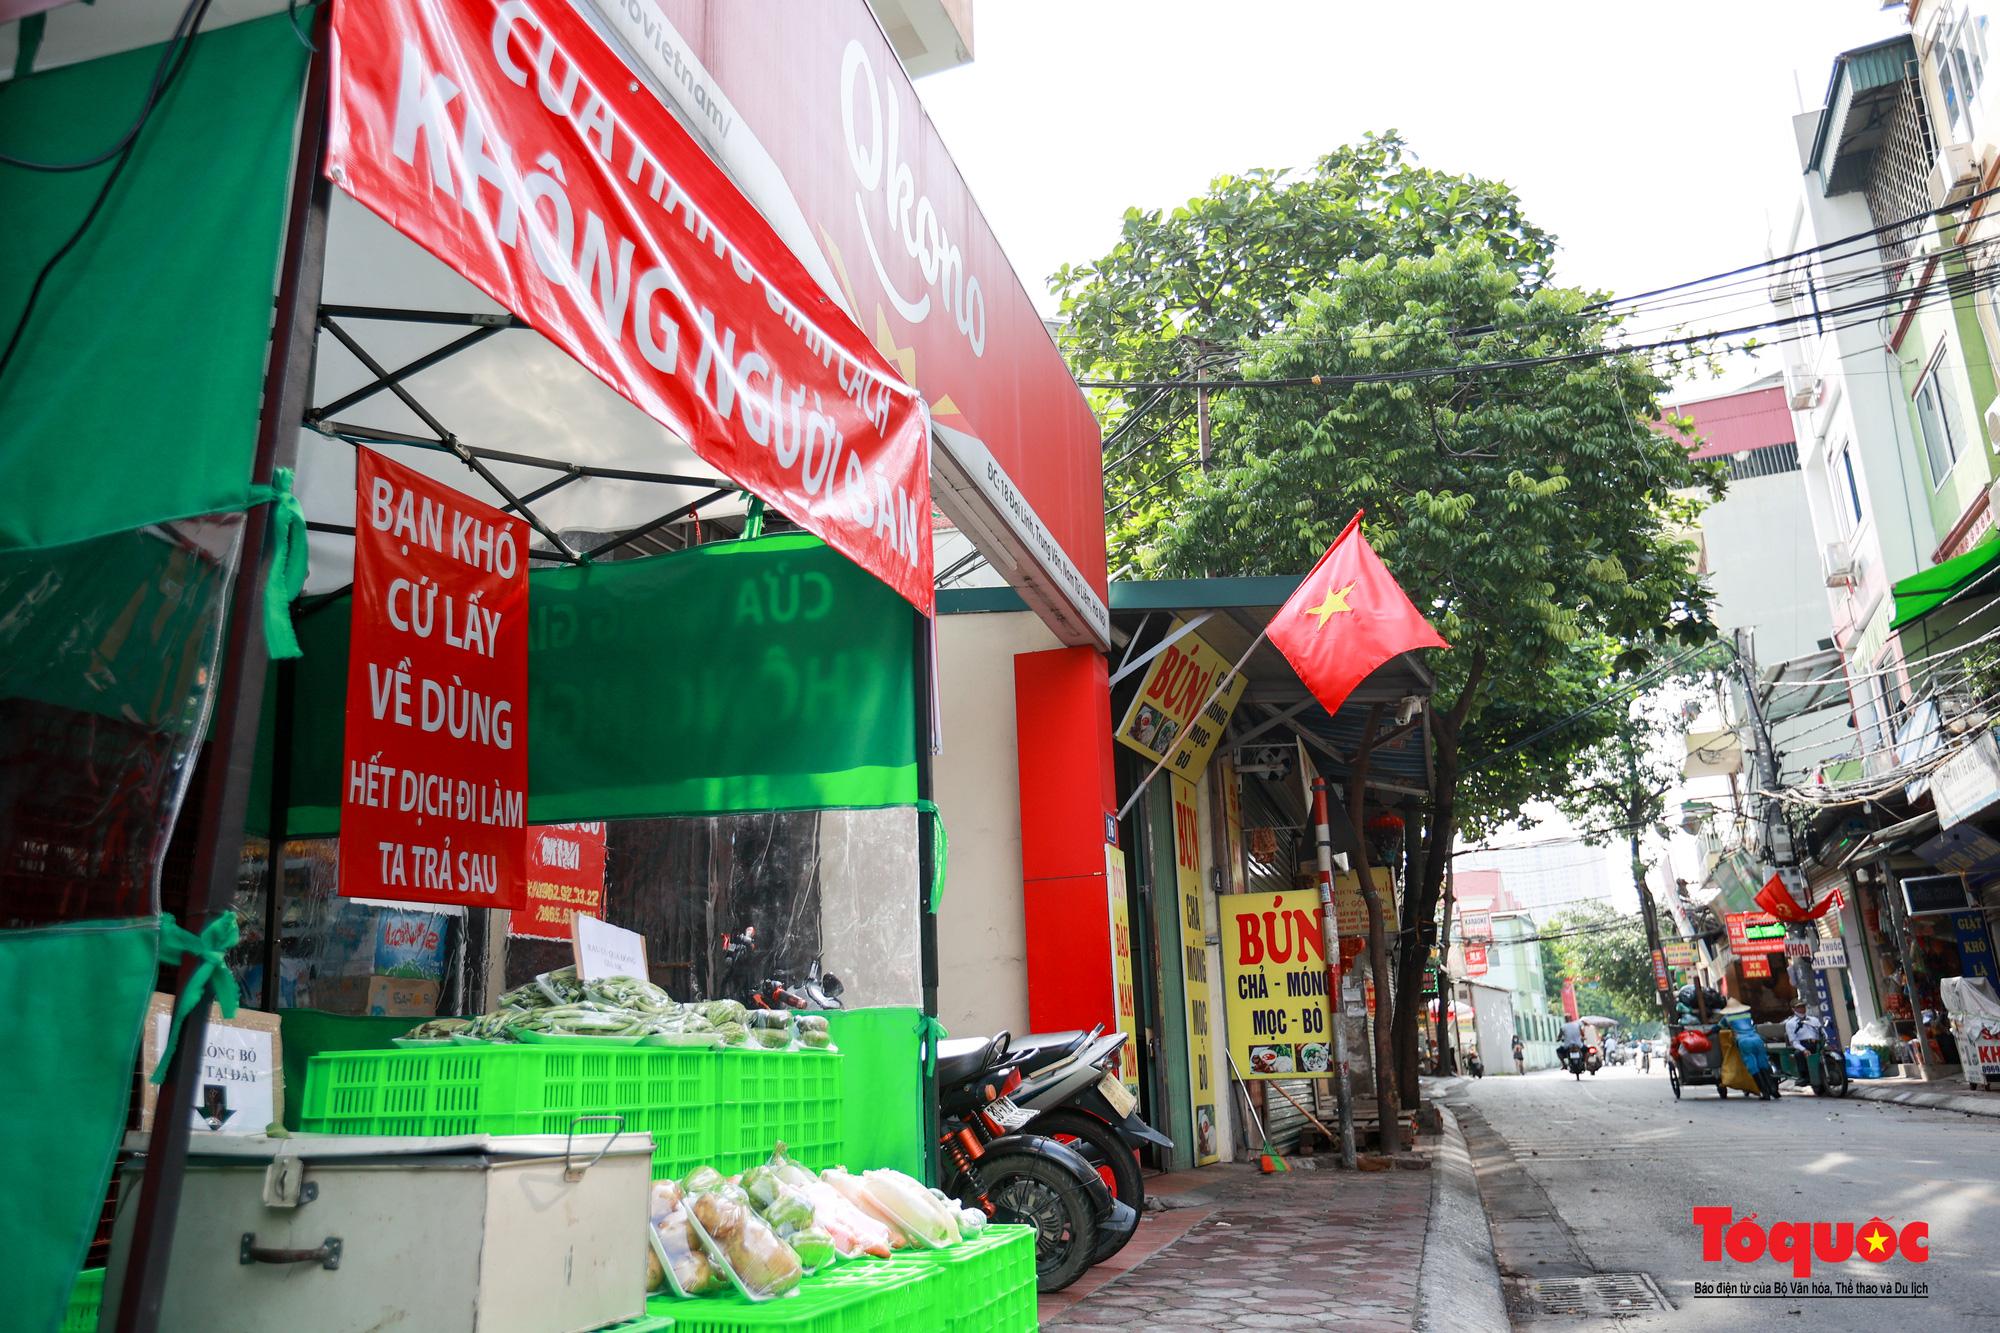 Hà Nội: Cửa hàng thiết yếu không người bán, người mua cũng không cần phải trả tiền ngay - Ảnh 11.